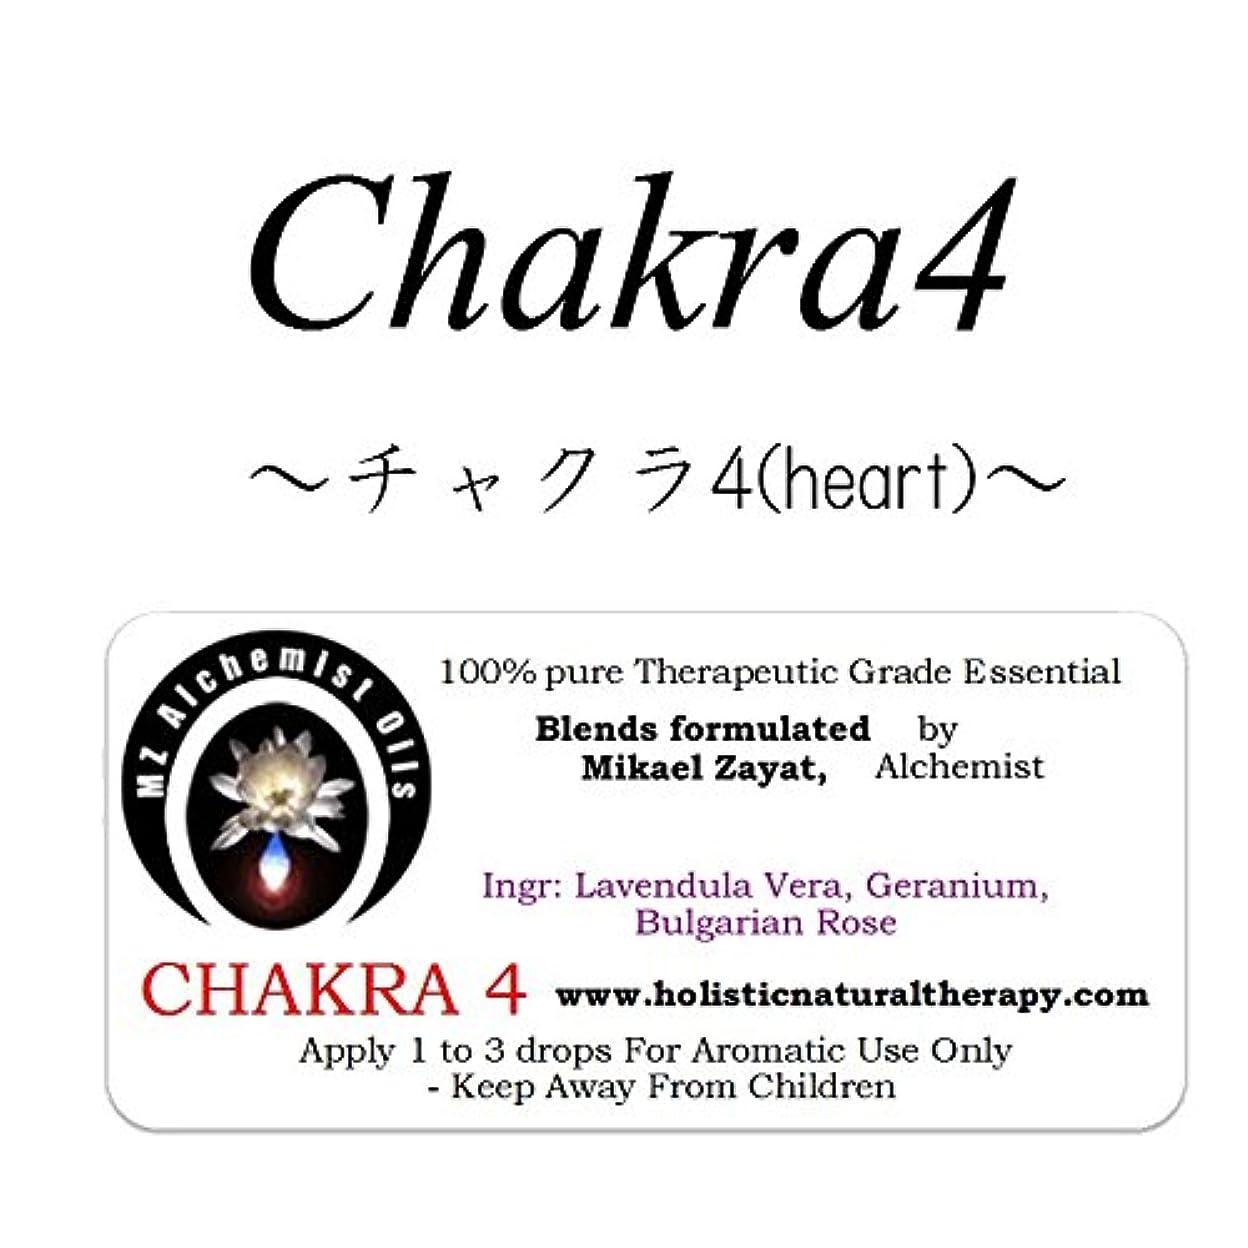 異常な猫背請うミカエル?ザヤットアルケミストオイル セラピストグレードアロマオイル Chakra 4(heart)-チャクラ4 - 4ml